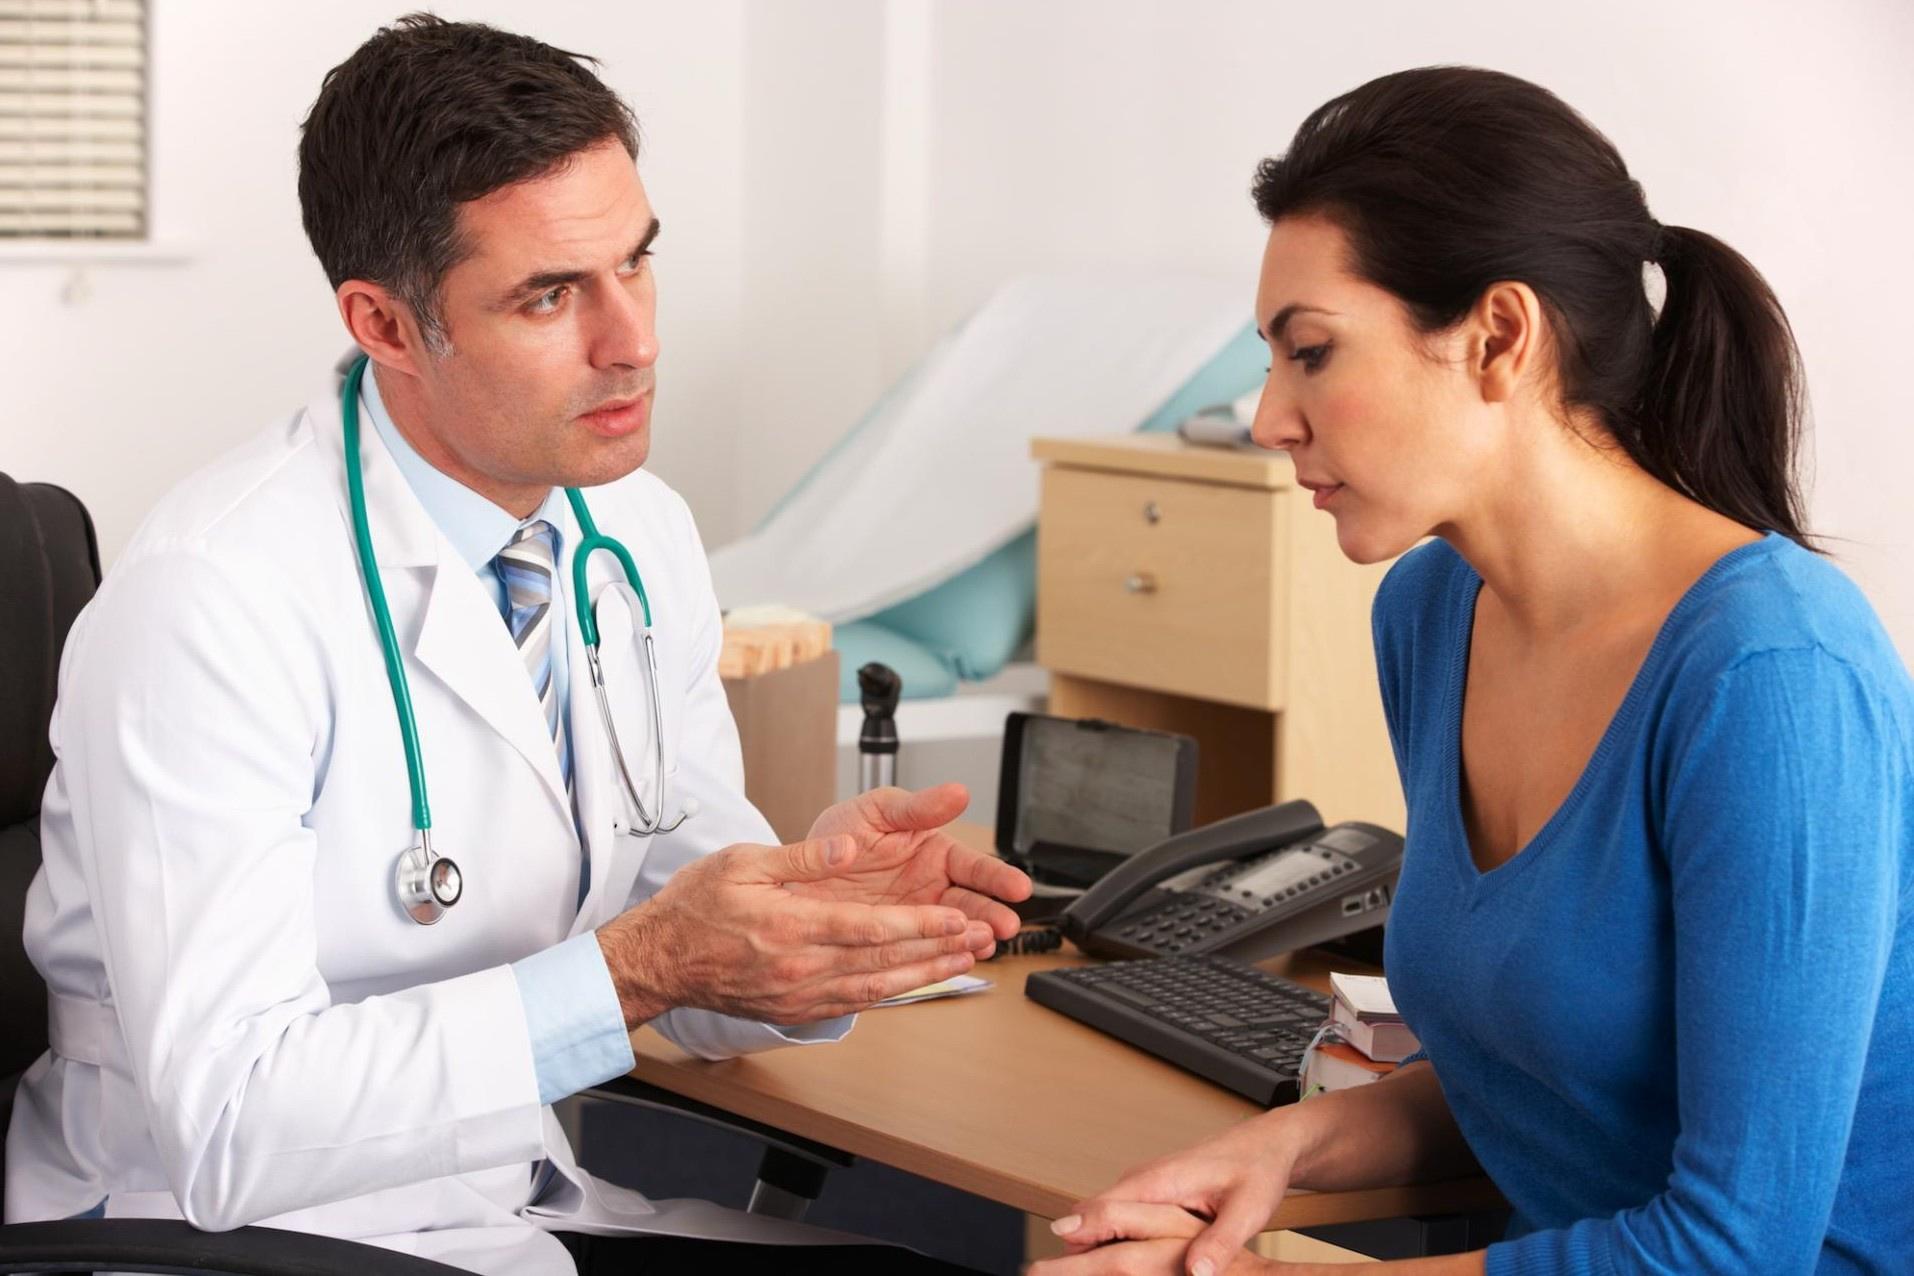 Изображение - Могут ли открыть официальный больничный задним числом http-www-shutterstock-com-pic-98521175-stock-photo-american-doctor-talking-to-woman-in-surgery_8551-x6y4xx1920yy1280